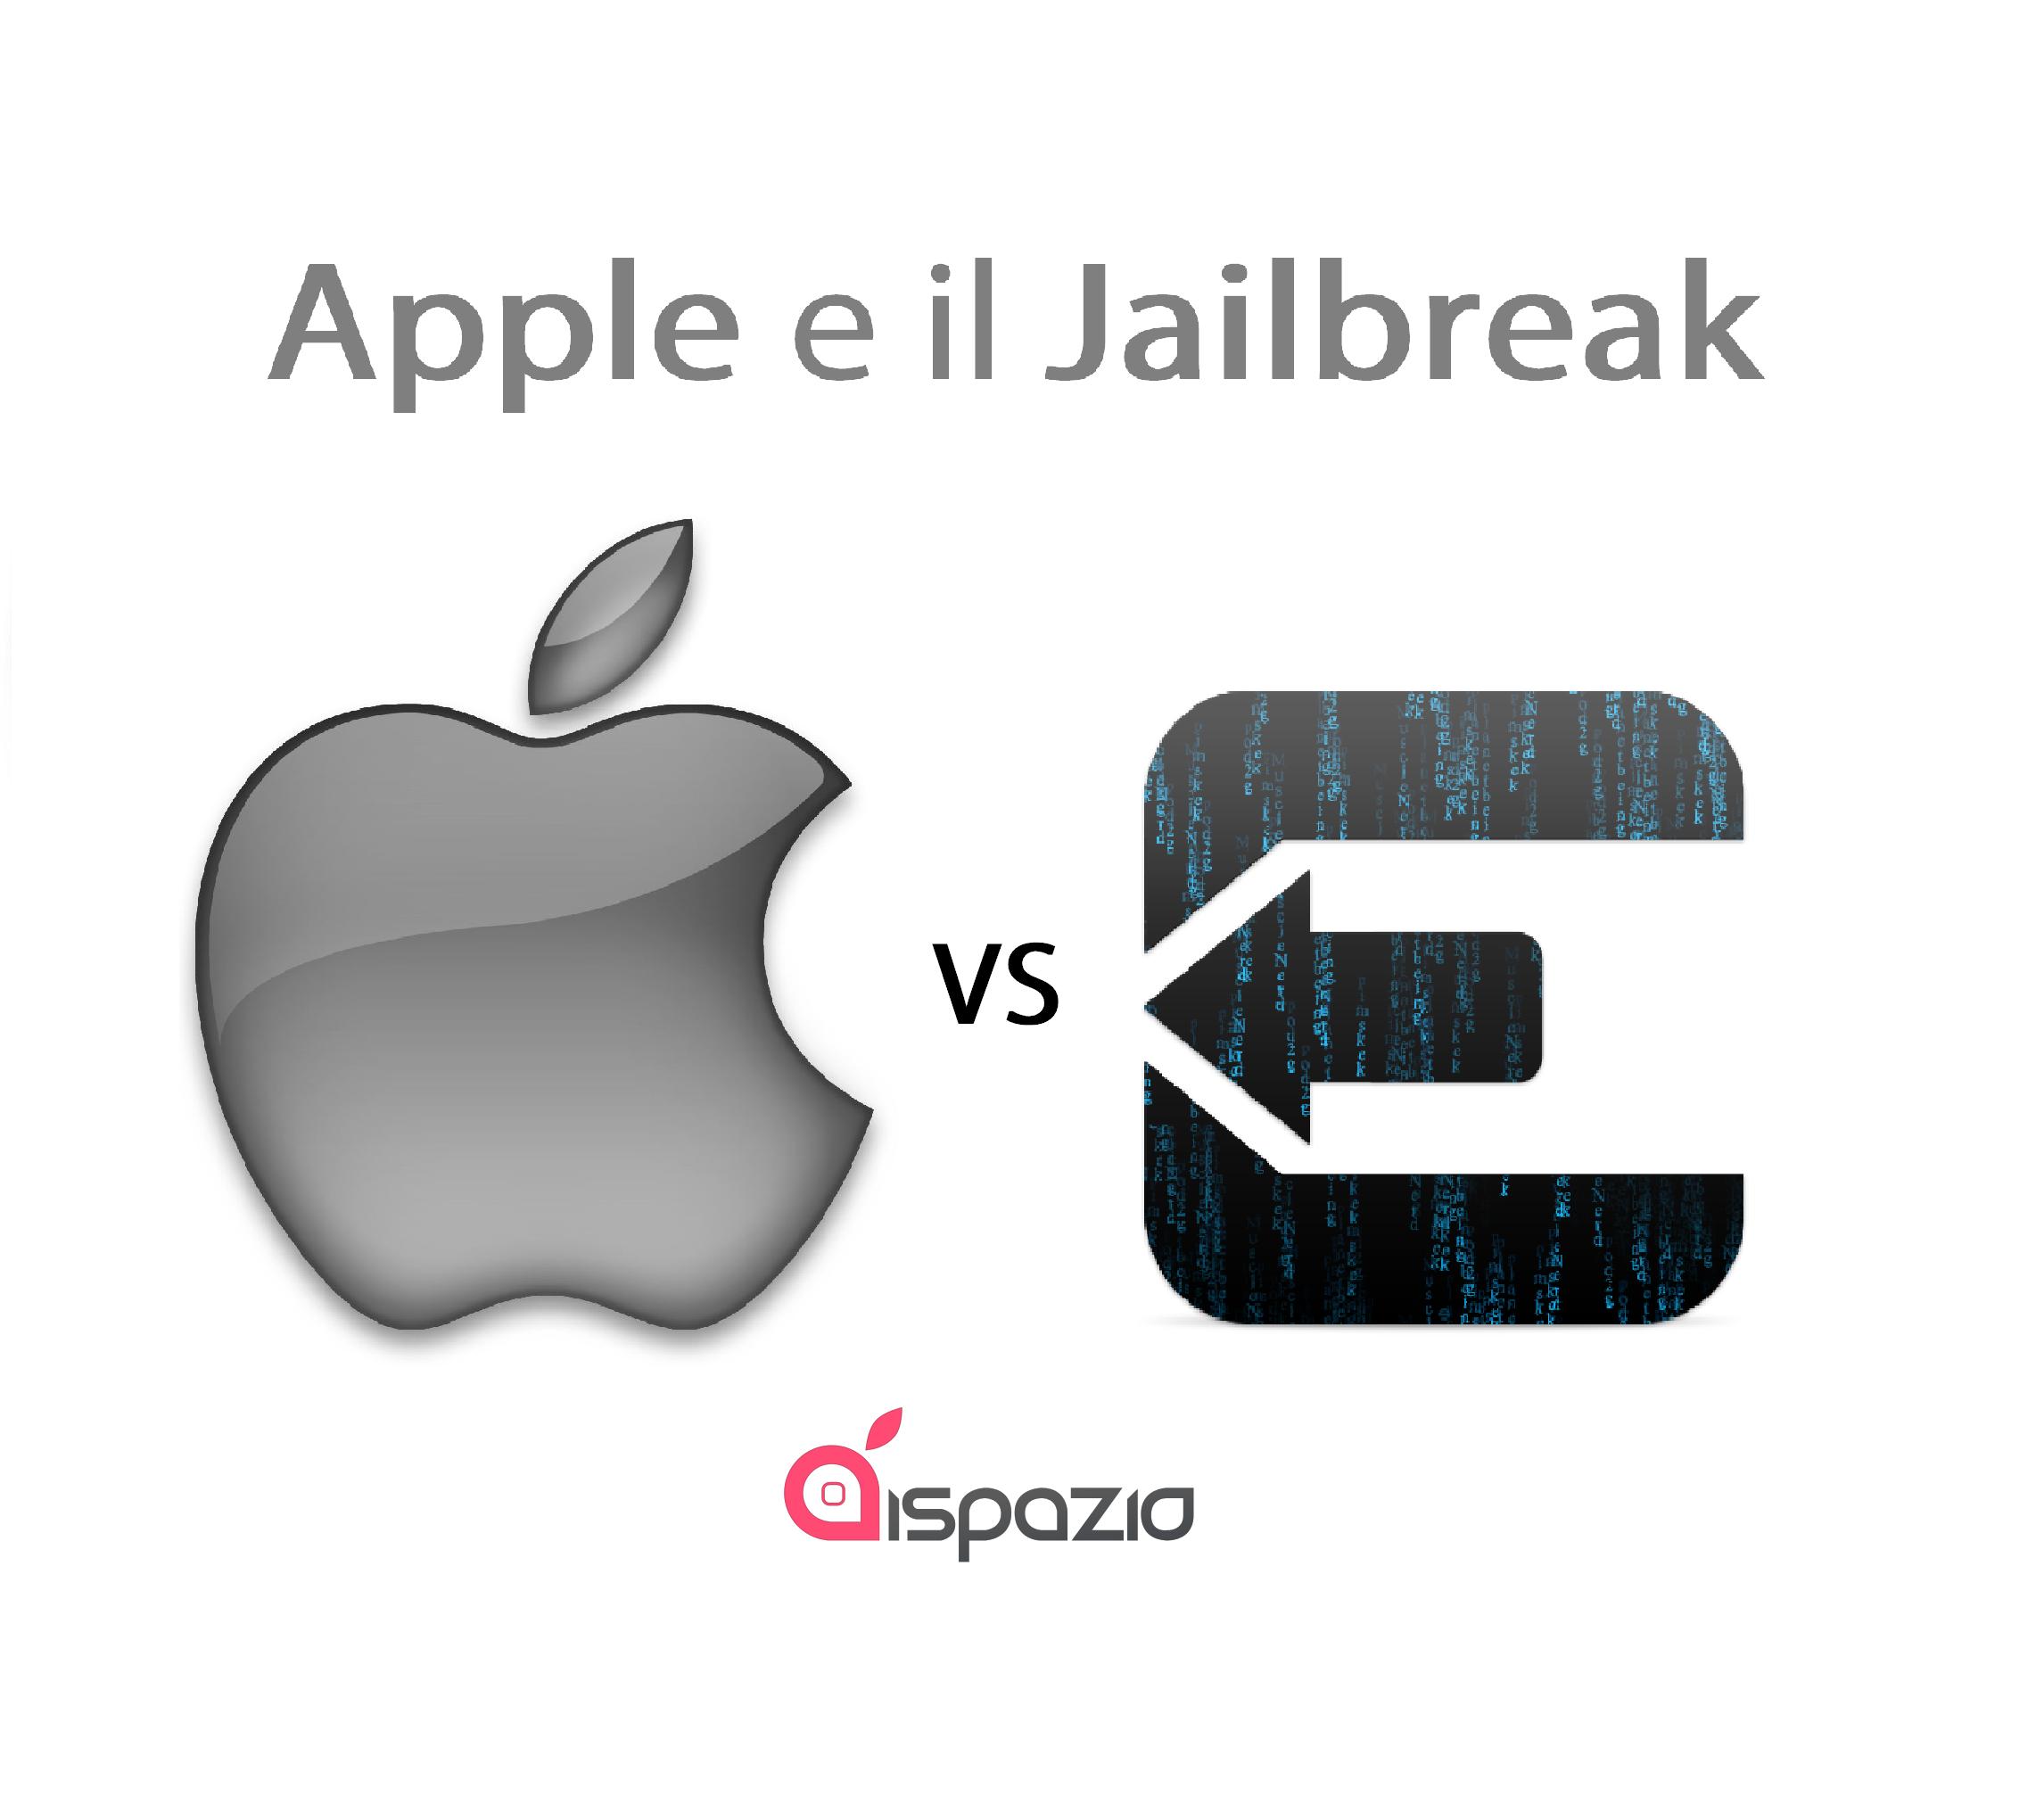 apple vs jailbreak